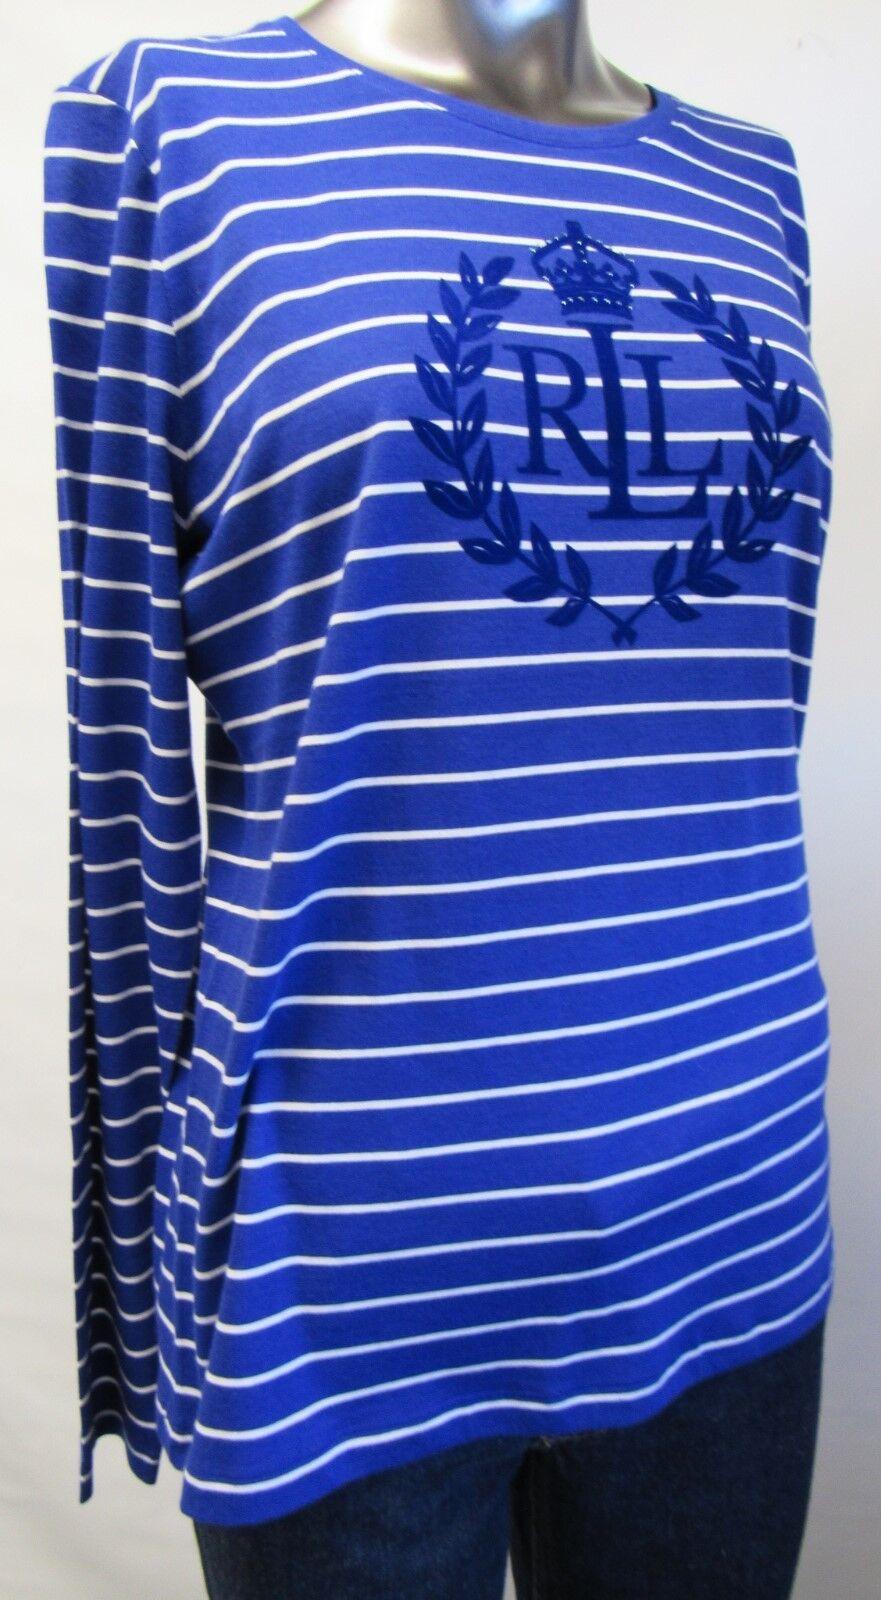 Ralph Lauren,Neu mit Tags,Damen,Shirt,Langarm,Blau Weiß,Gestreift,L (USA),Gr.42